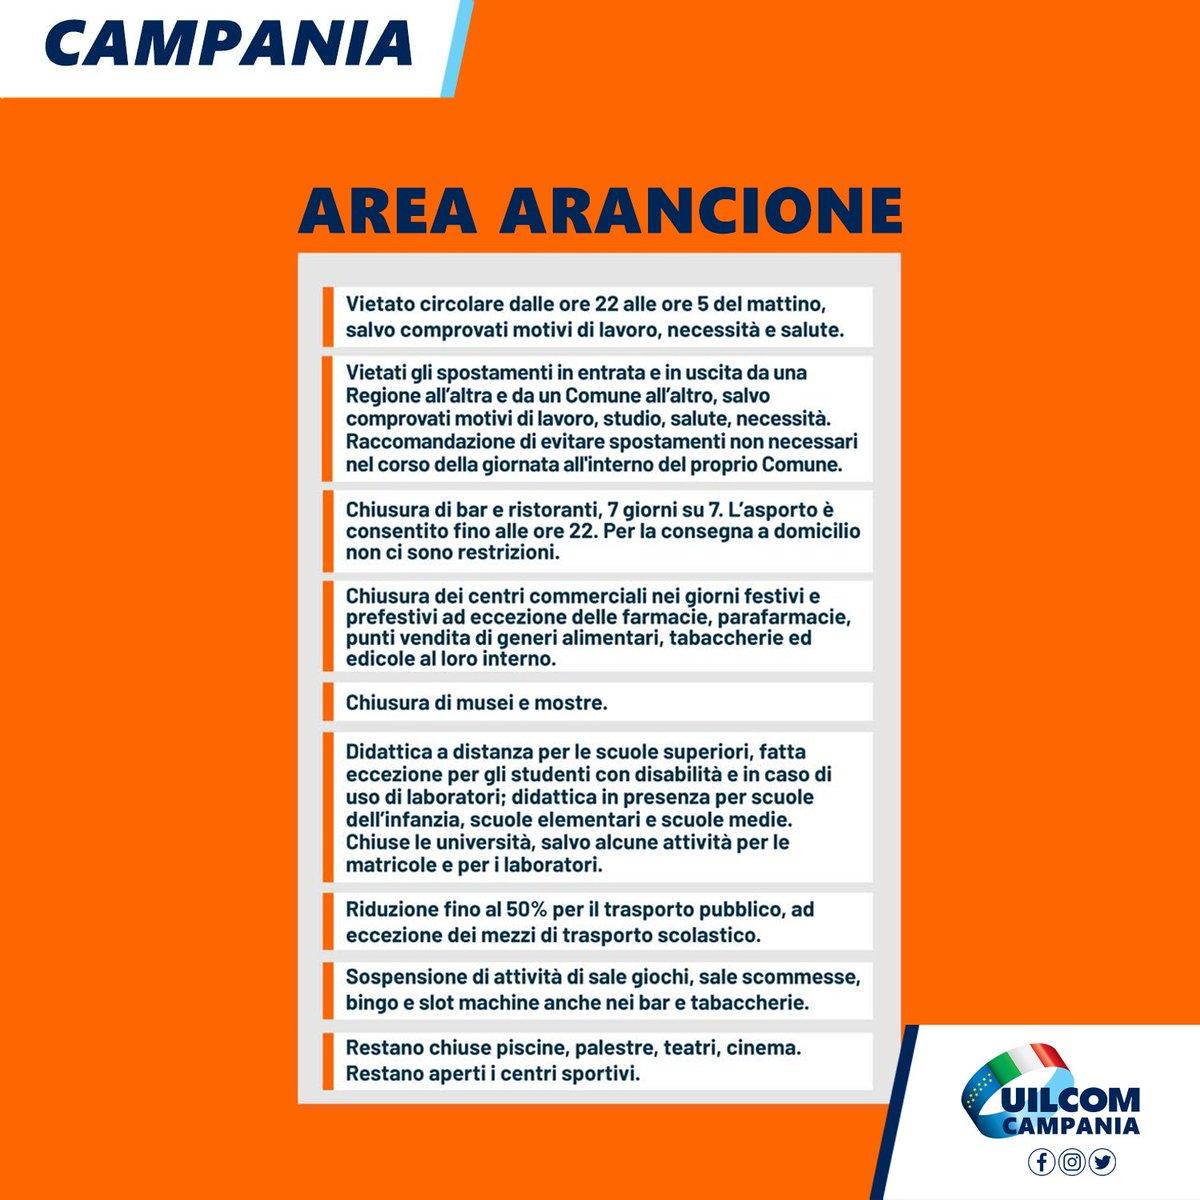 🟠 @Reg_Campania A PARTIRE DA DOMANI 6 #DICEMBRE #2020 entra nell' AREA ARANCIONE. Ecco cosa sarà possibile fare. #zonaARANCIONE #lockdown